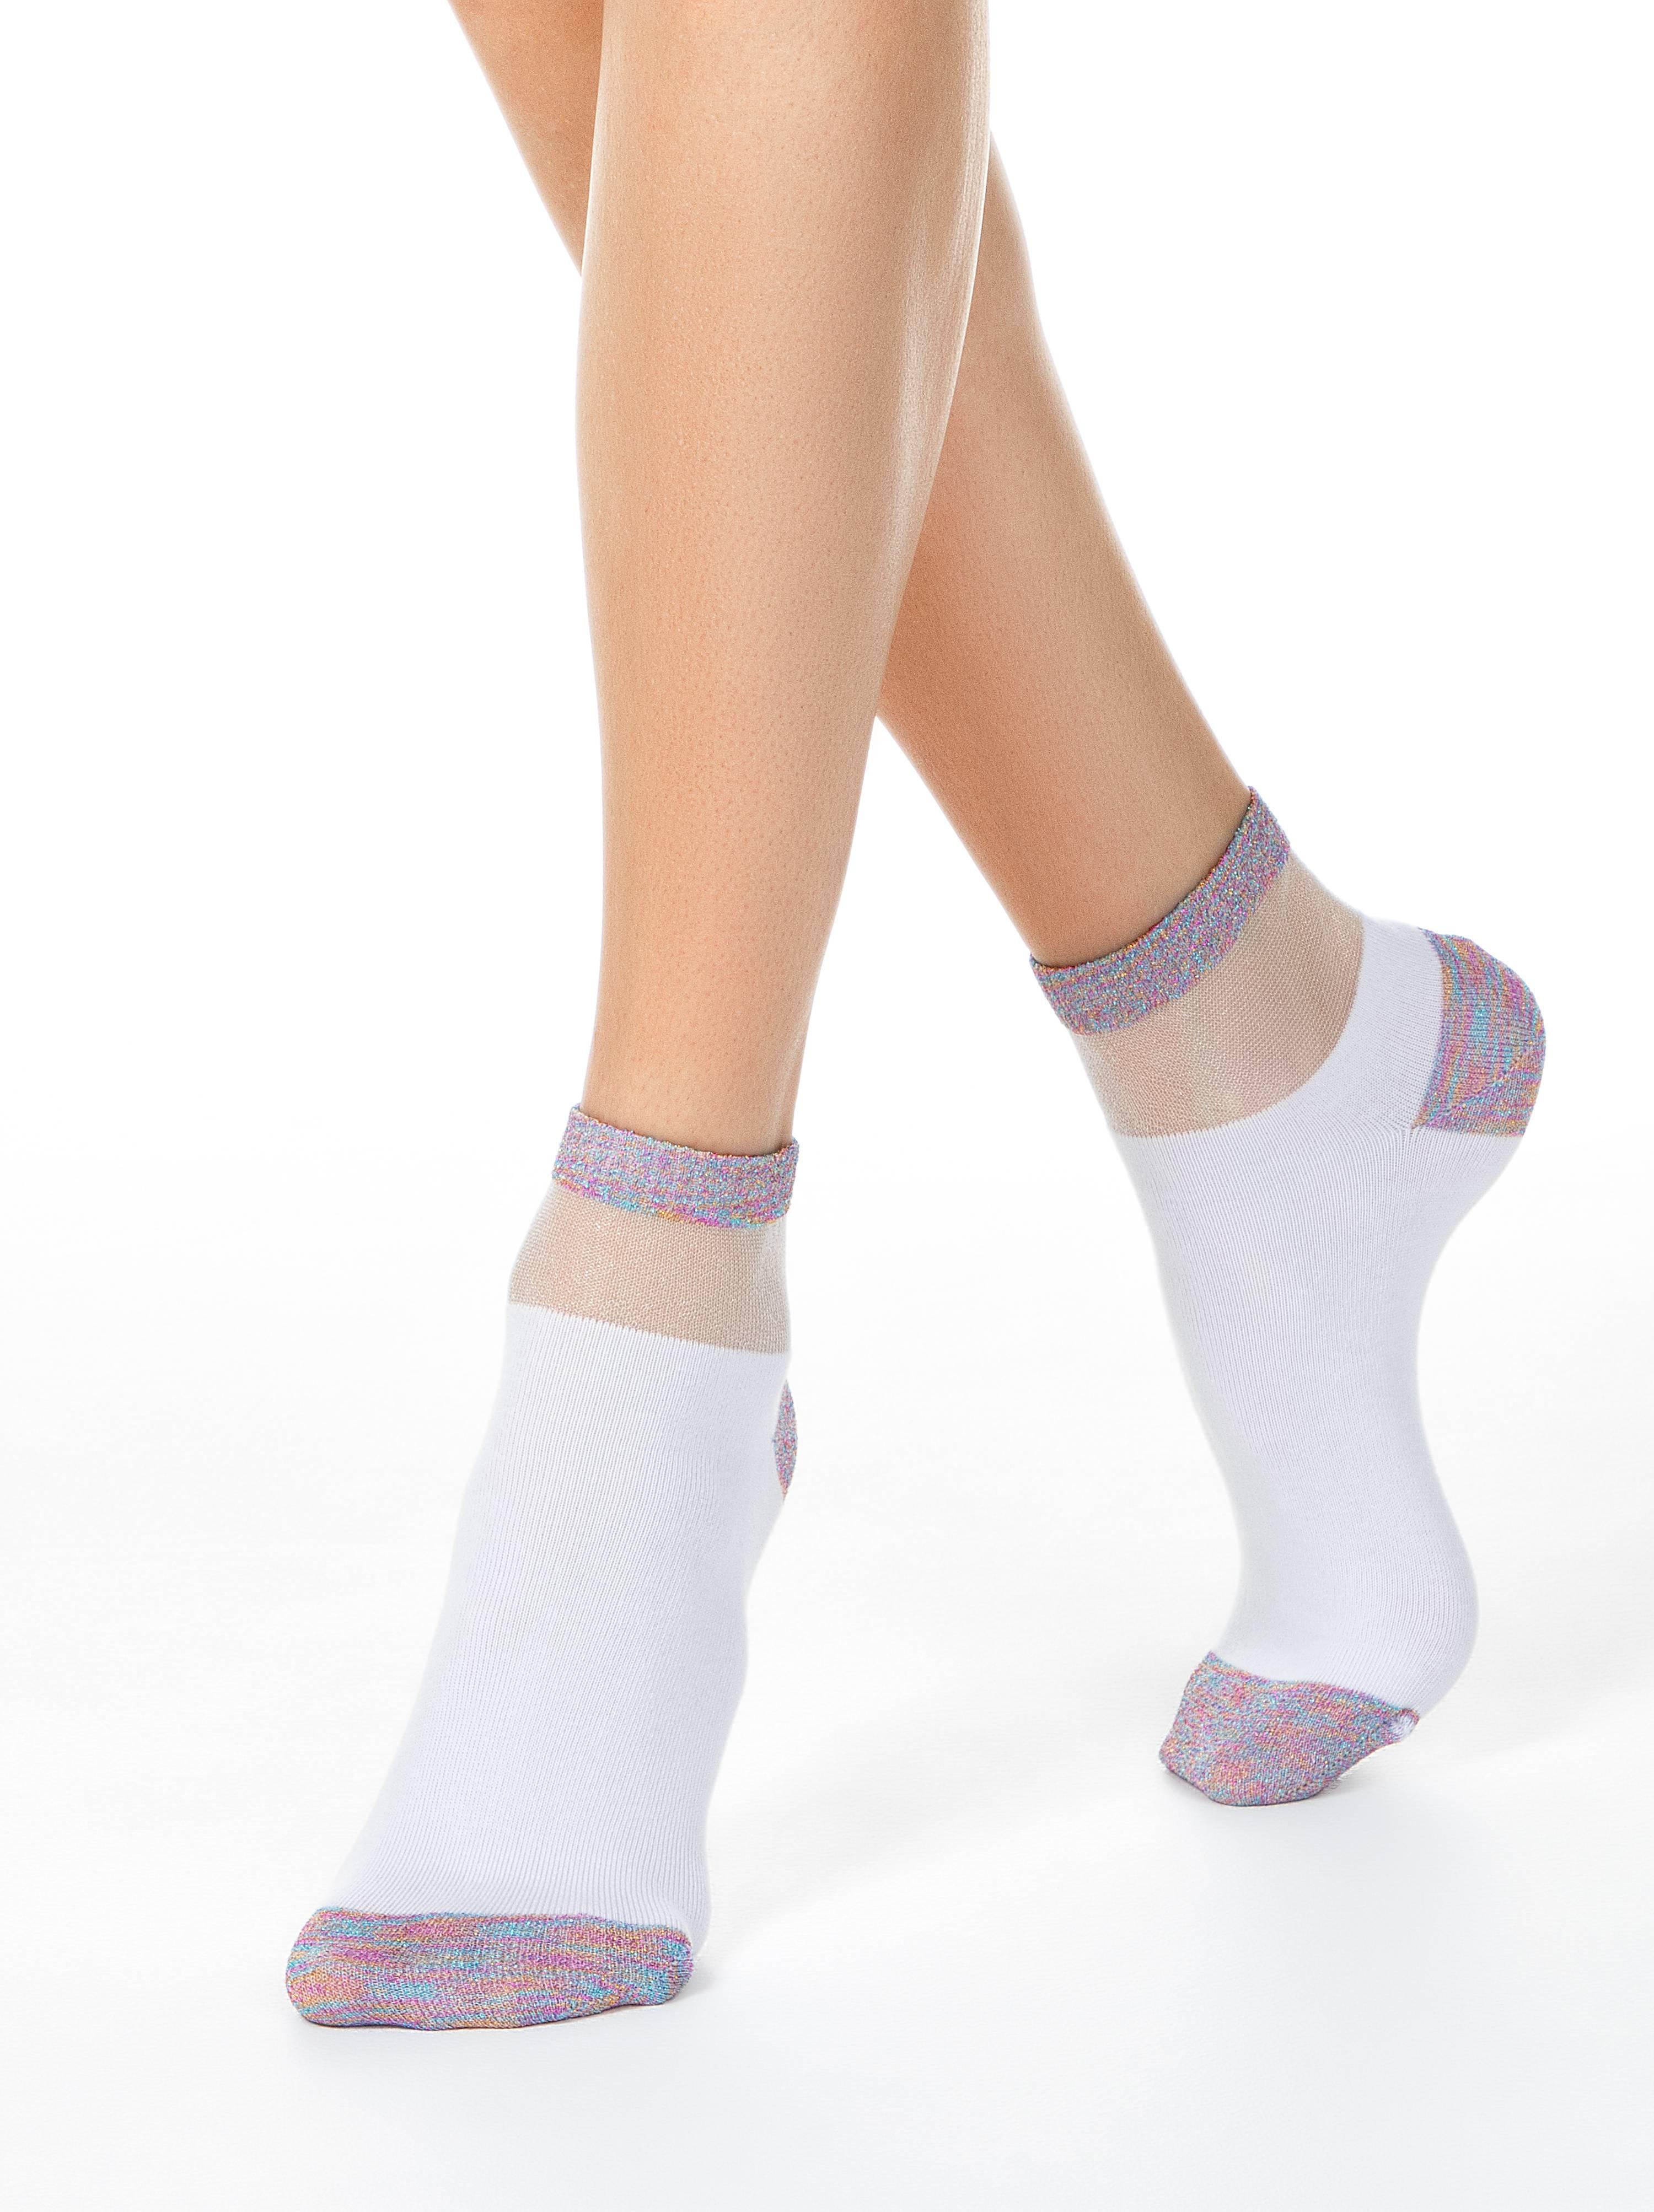 Носки женские ⭐️ Короткие носки ACTIVE с люрексом ⭐️